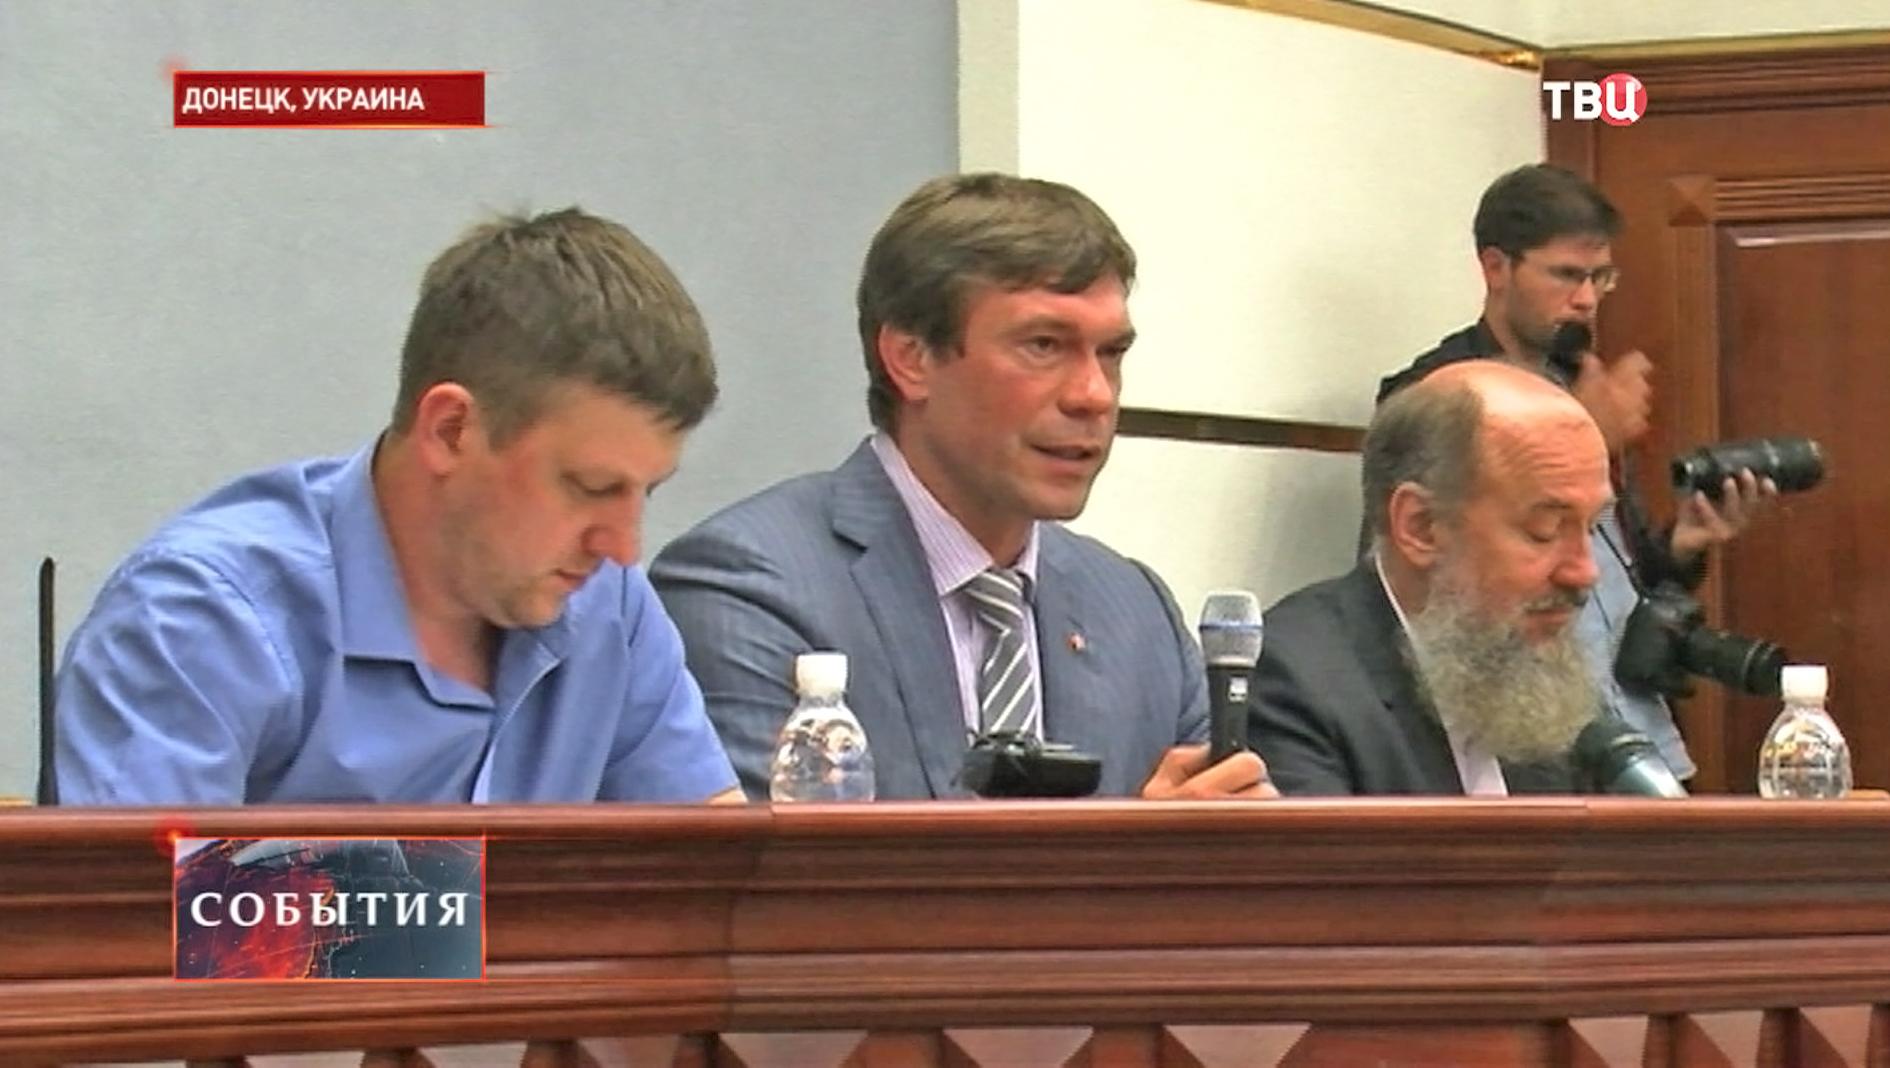 Олег Царев, депутат Верховной Рады Украины